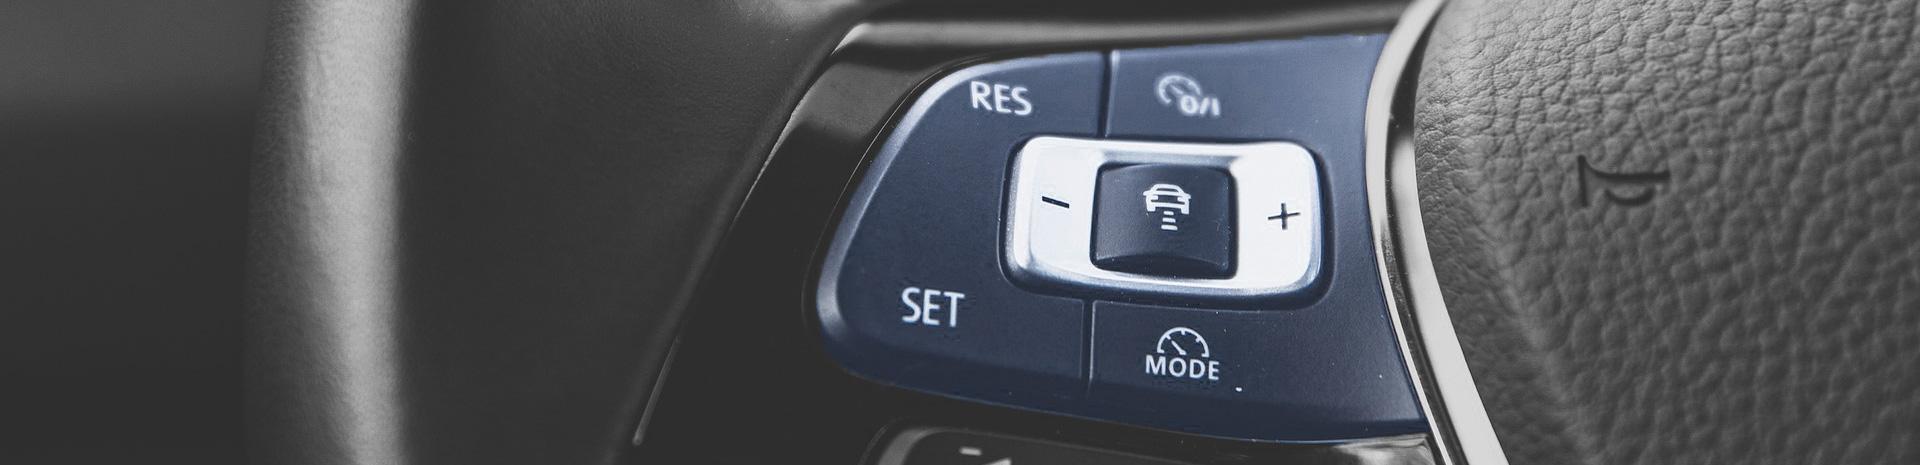 Verminderen rijhulpsystemen het aantal verkeersongevallen?   LetselPro